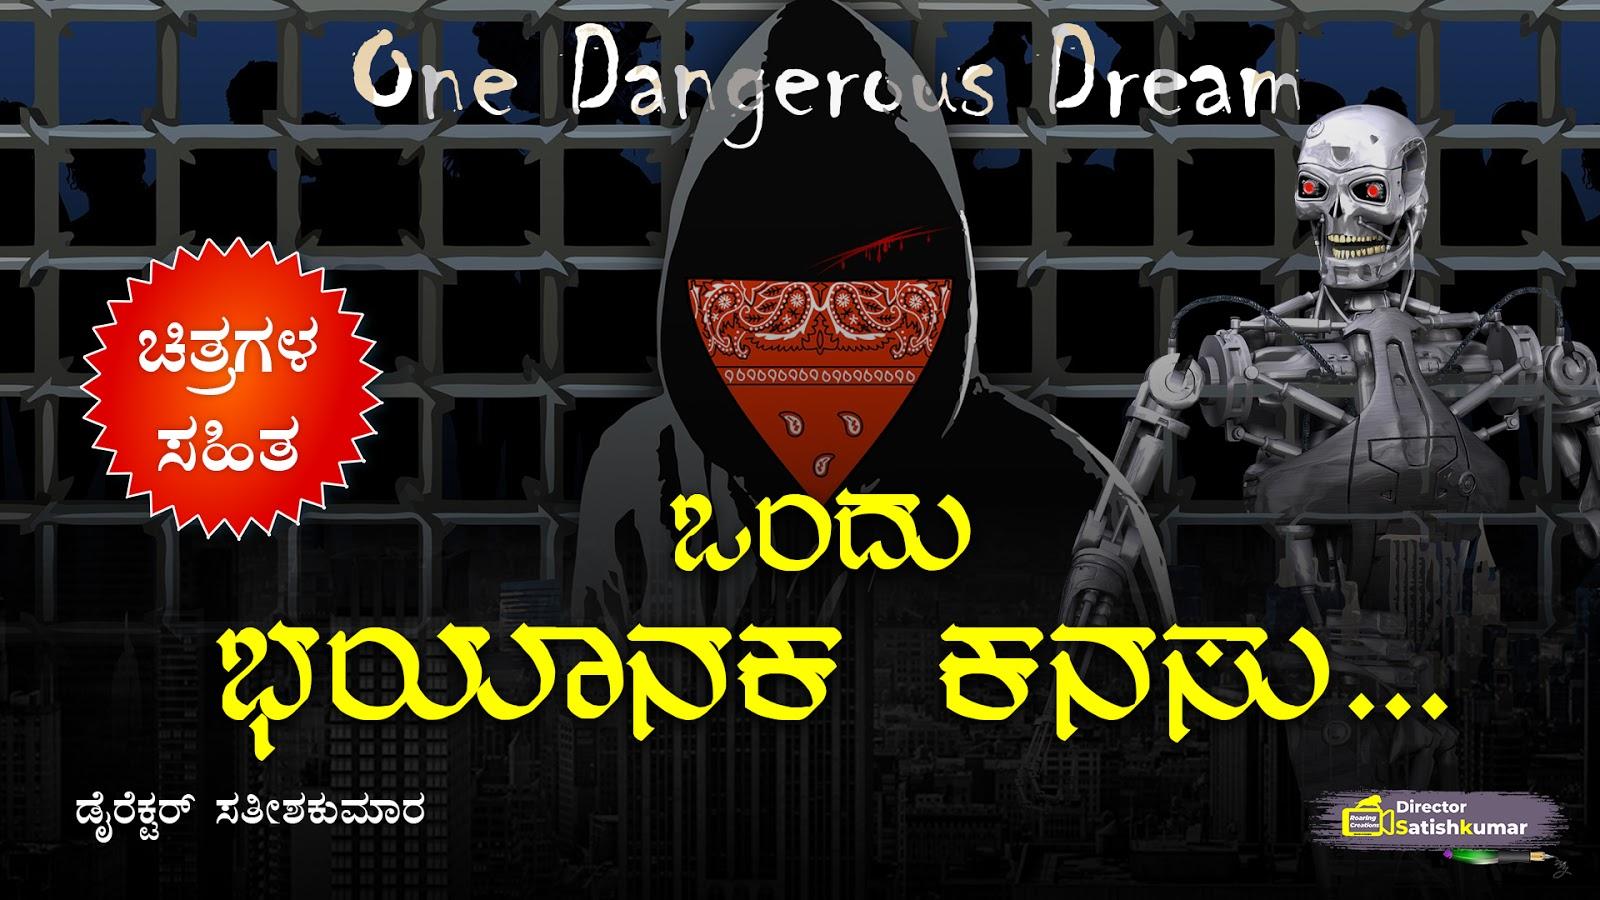 ಒಂದು ಭಯಾನಕ ಕನಸು... One Dangerous Dream   Kannada Social Message Story - ಕನ್ನಡ ಕಥೆ ಪುಸ್ತಕಗಳು - Kannada Story Books -  E Books Kannada - Kannada Books